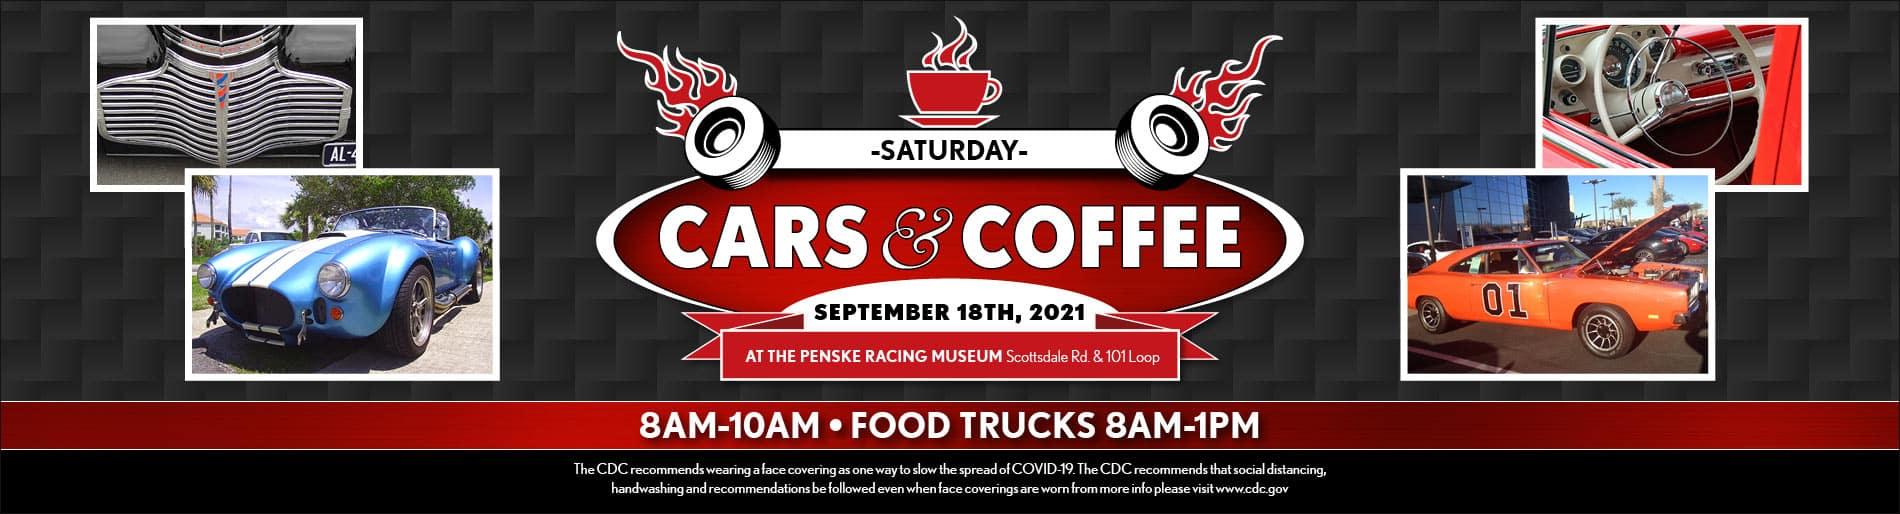 Cars & Coffee 9/18/2021